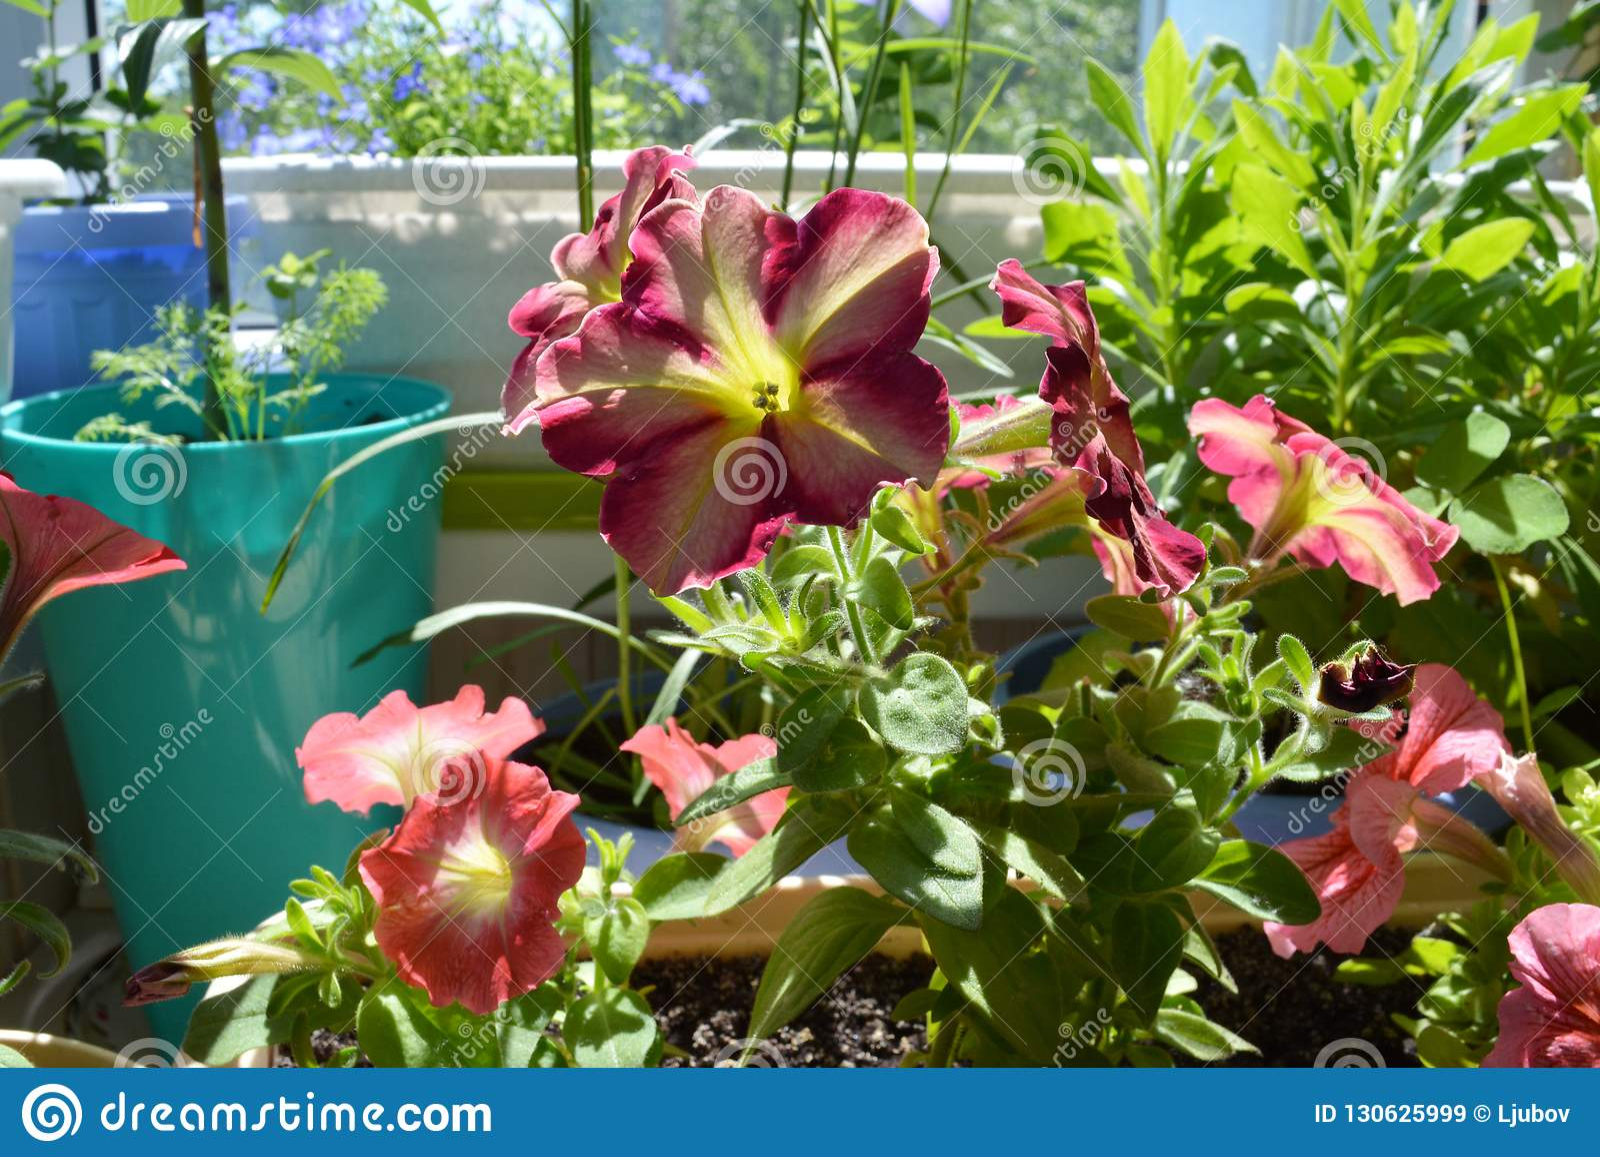 Piccolo Giardino Sul Balcone : Petunia di fioritura luminosa in piccolo giardino urbano sul balcone